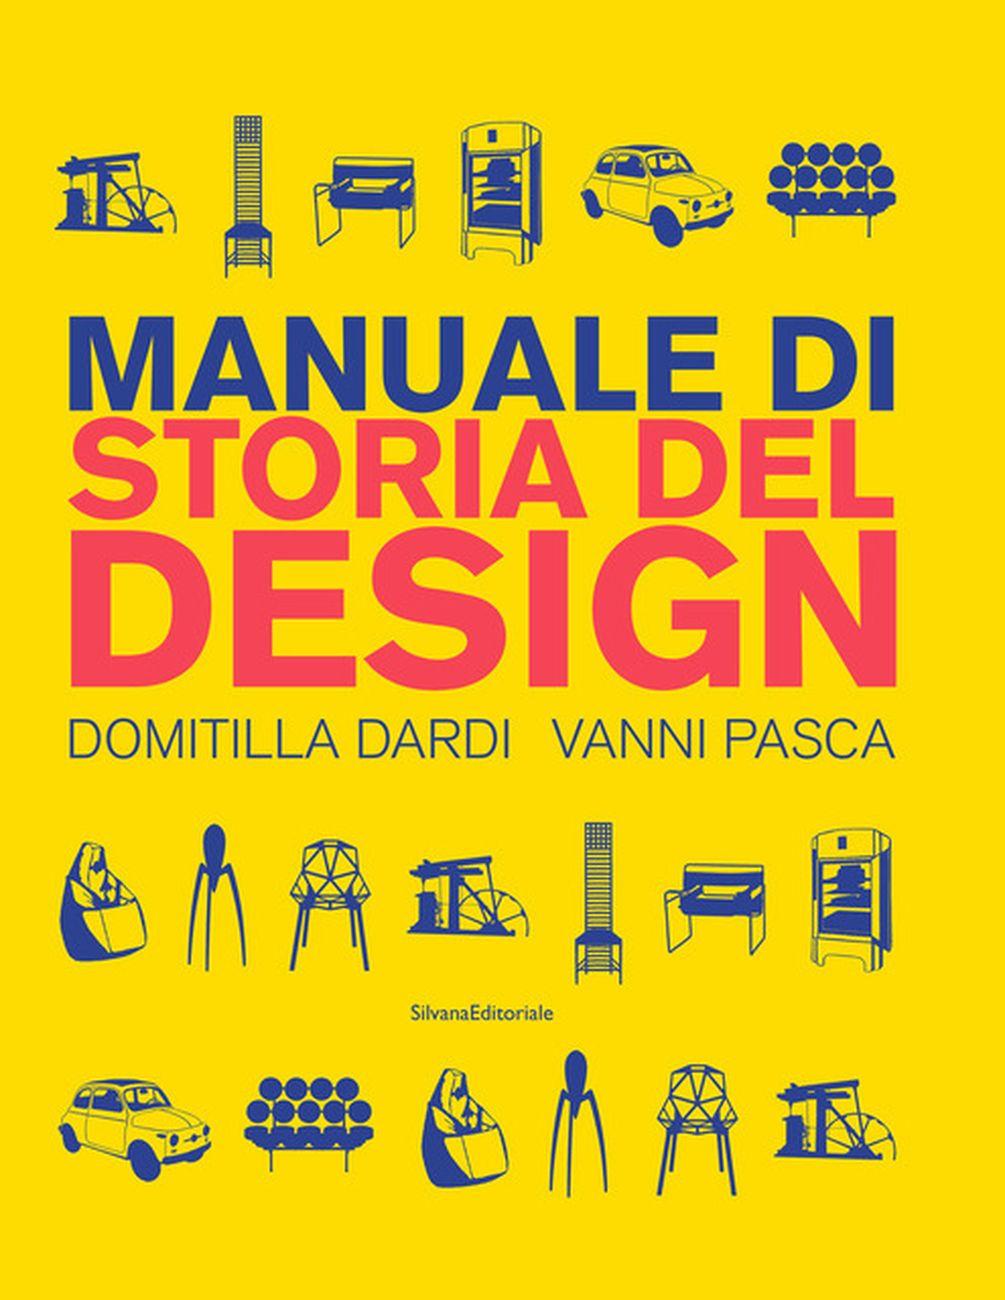 Domitilla Dardi & Vanni Pasca – Manuale di storia del design (Silvana Editoriale, Cinisello Balsamo 2019)